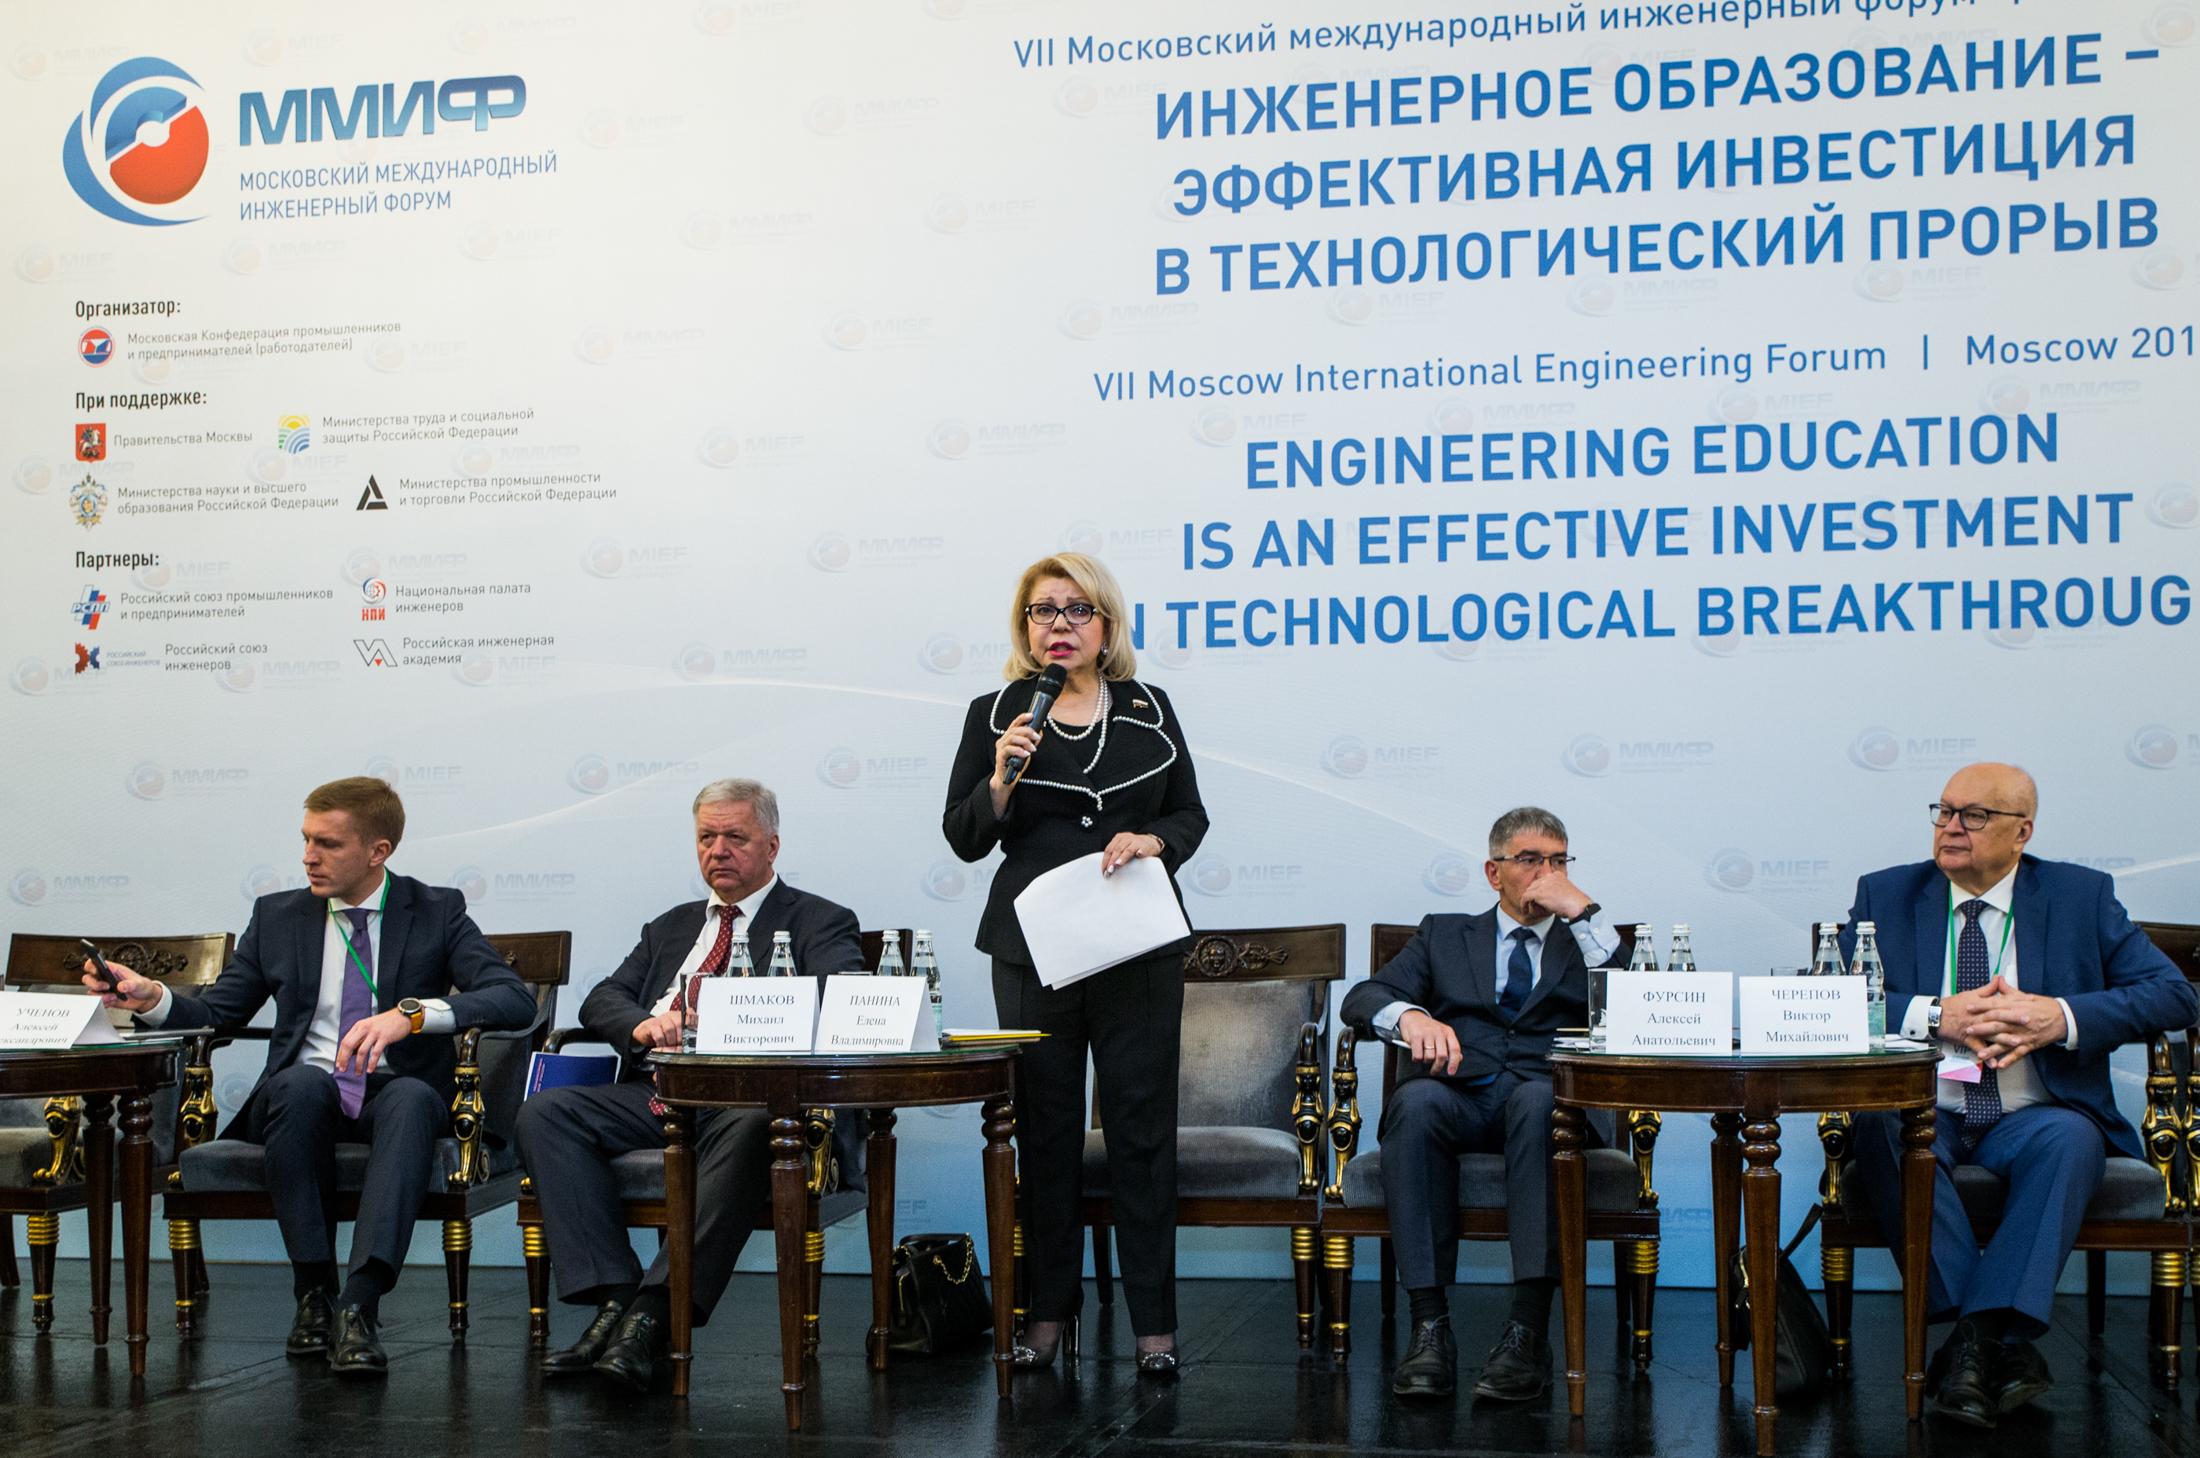 26 ноября 2019 года в г. Москве прошел VII Московский международный инженерный форум